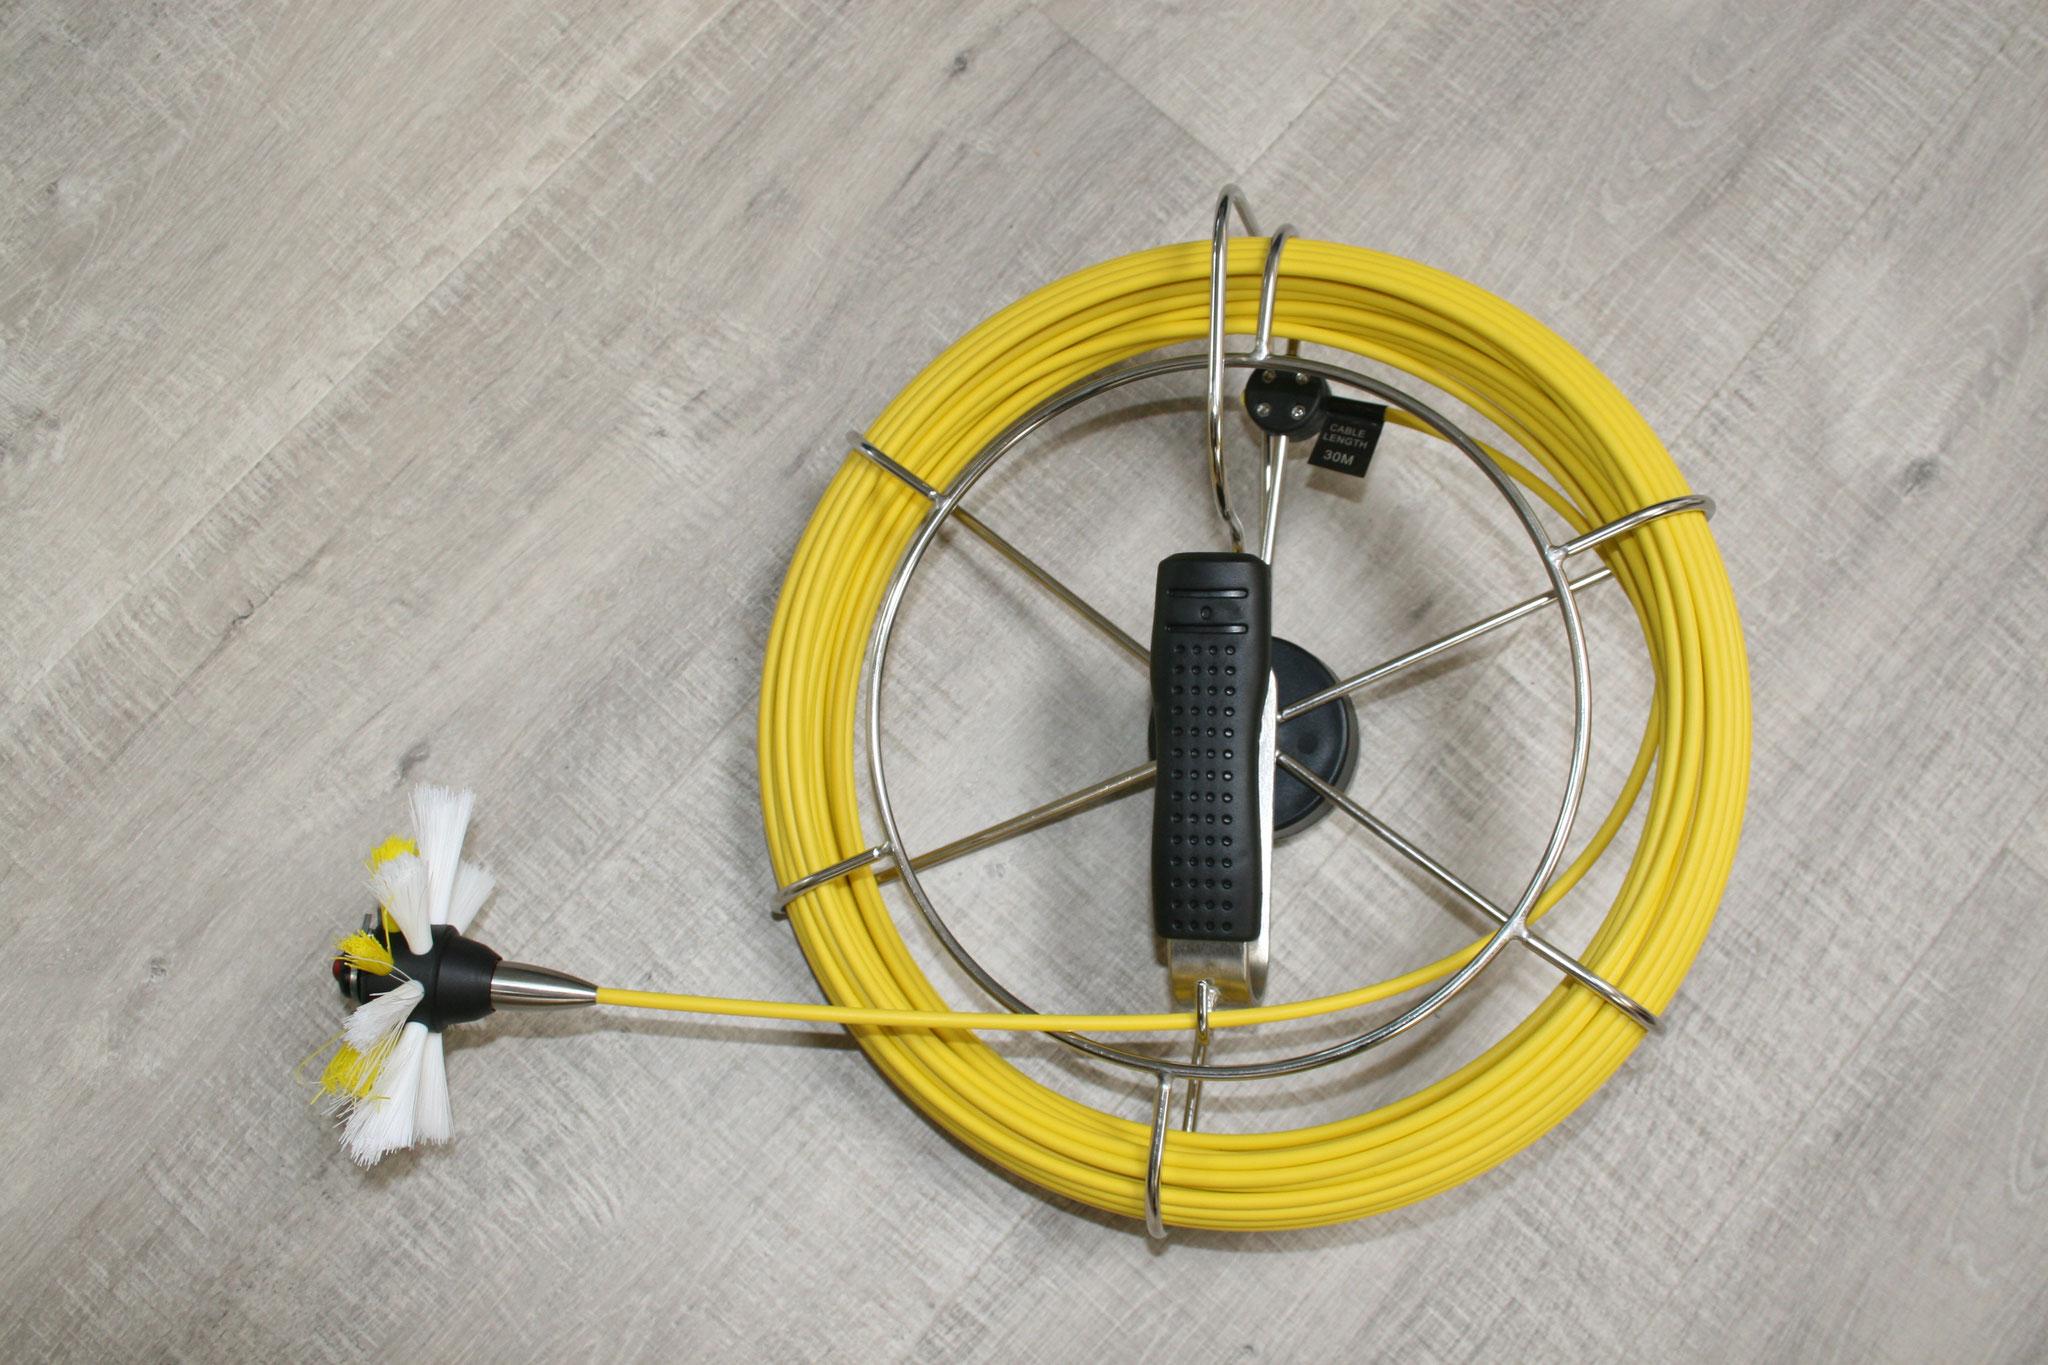 Es können Bürsten mit verschiedenen Durchmesser einfach und schnell befestigt und gewechselt werden